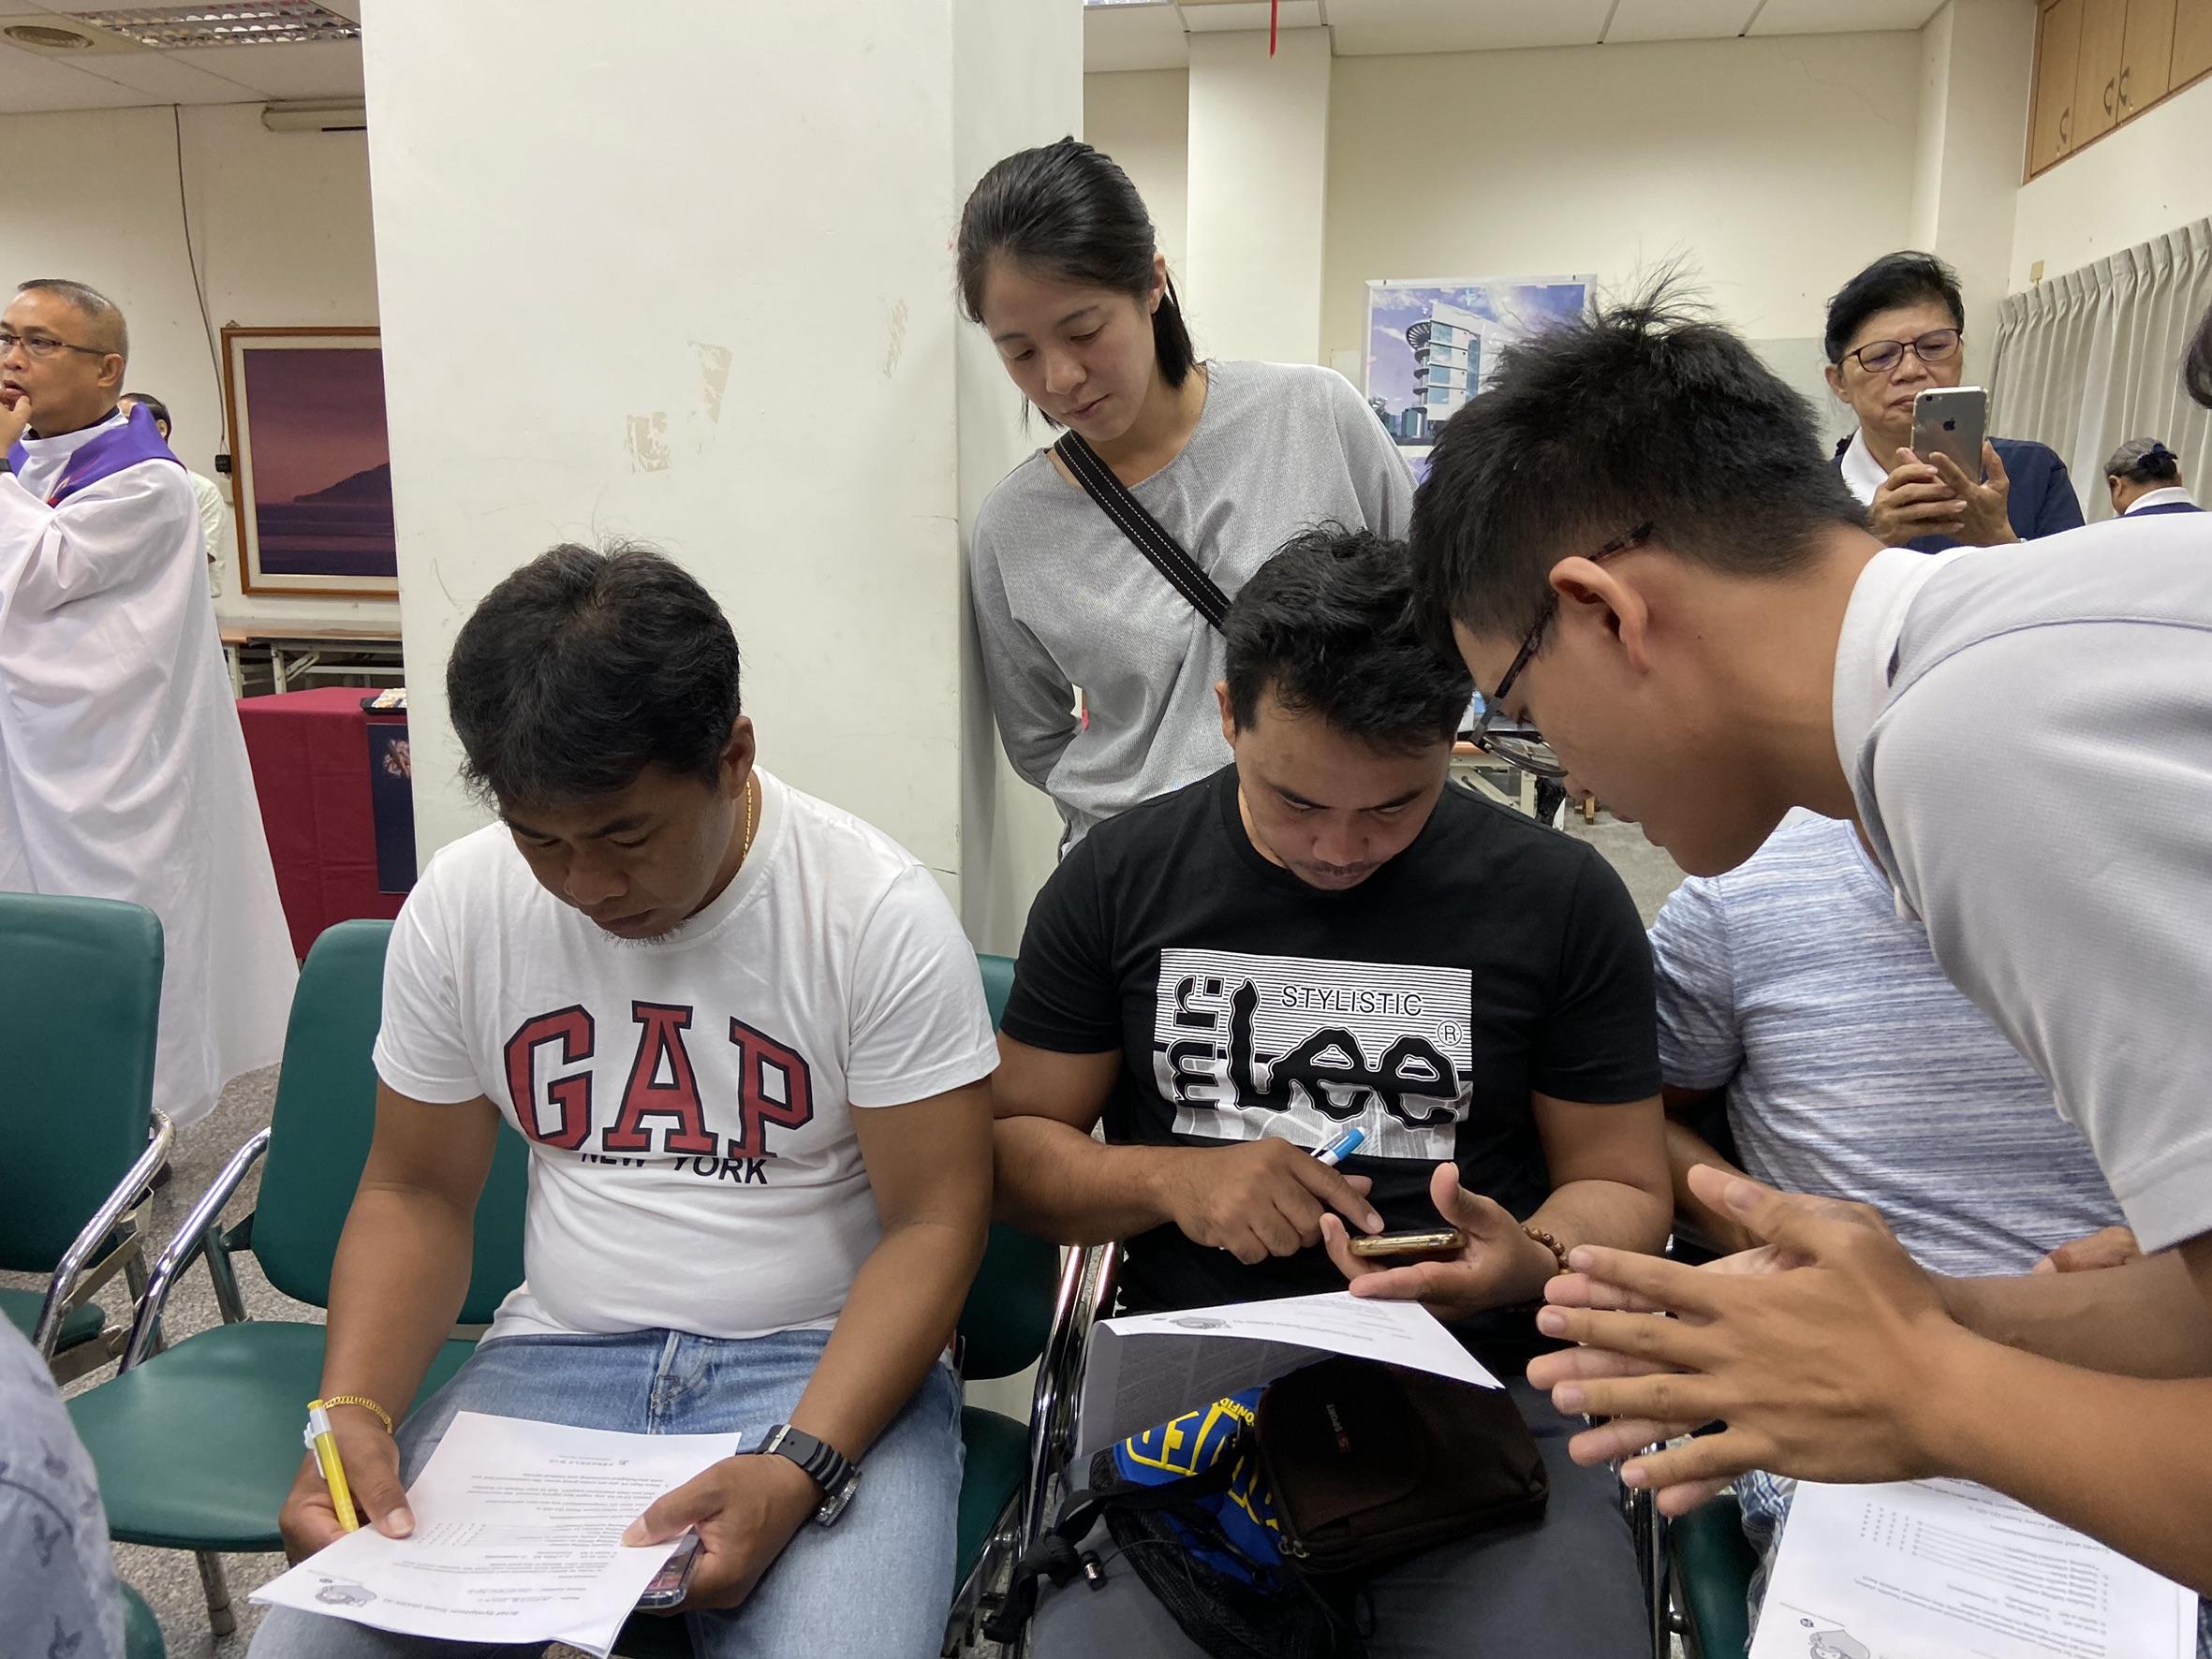 馬來西亞籍學生協助菲律賓籍漁工和家屬翻譯。